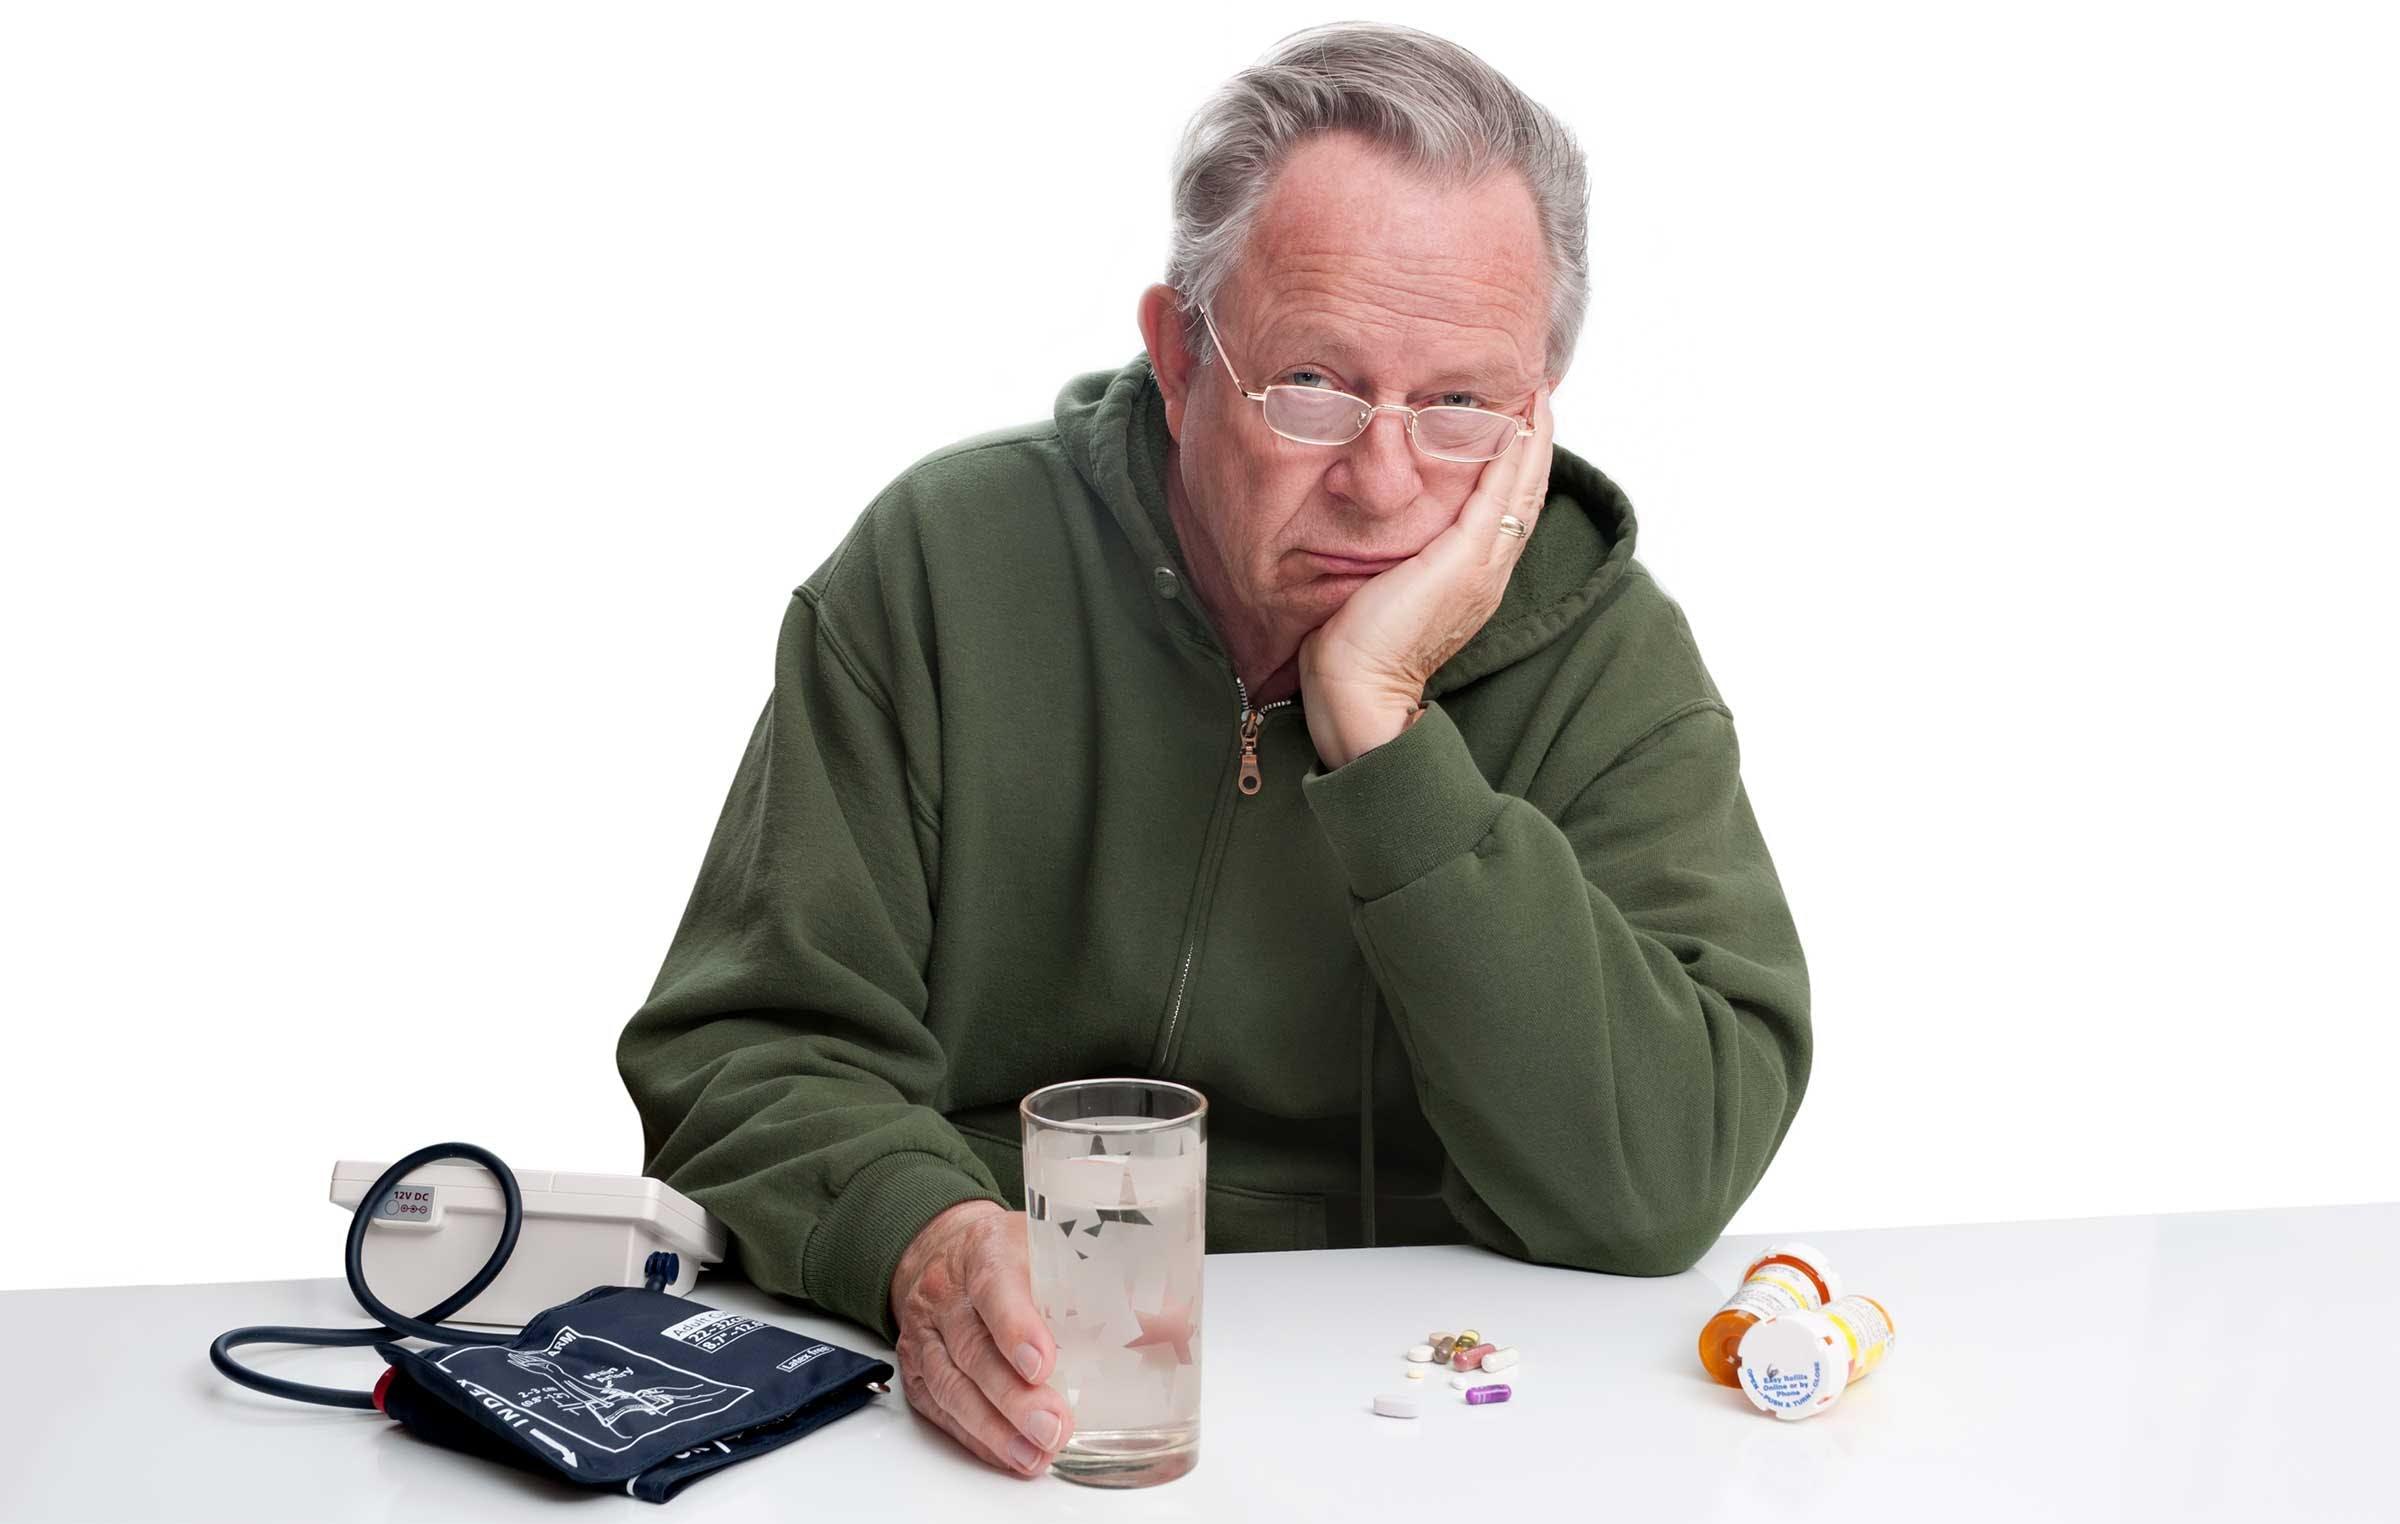 Estudio importante: tener la presión arterial por debajo de 120 salva vidas, y aumenta riesgos